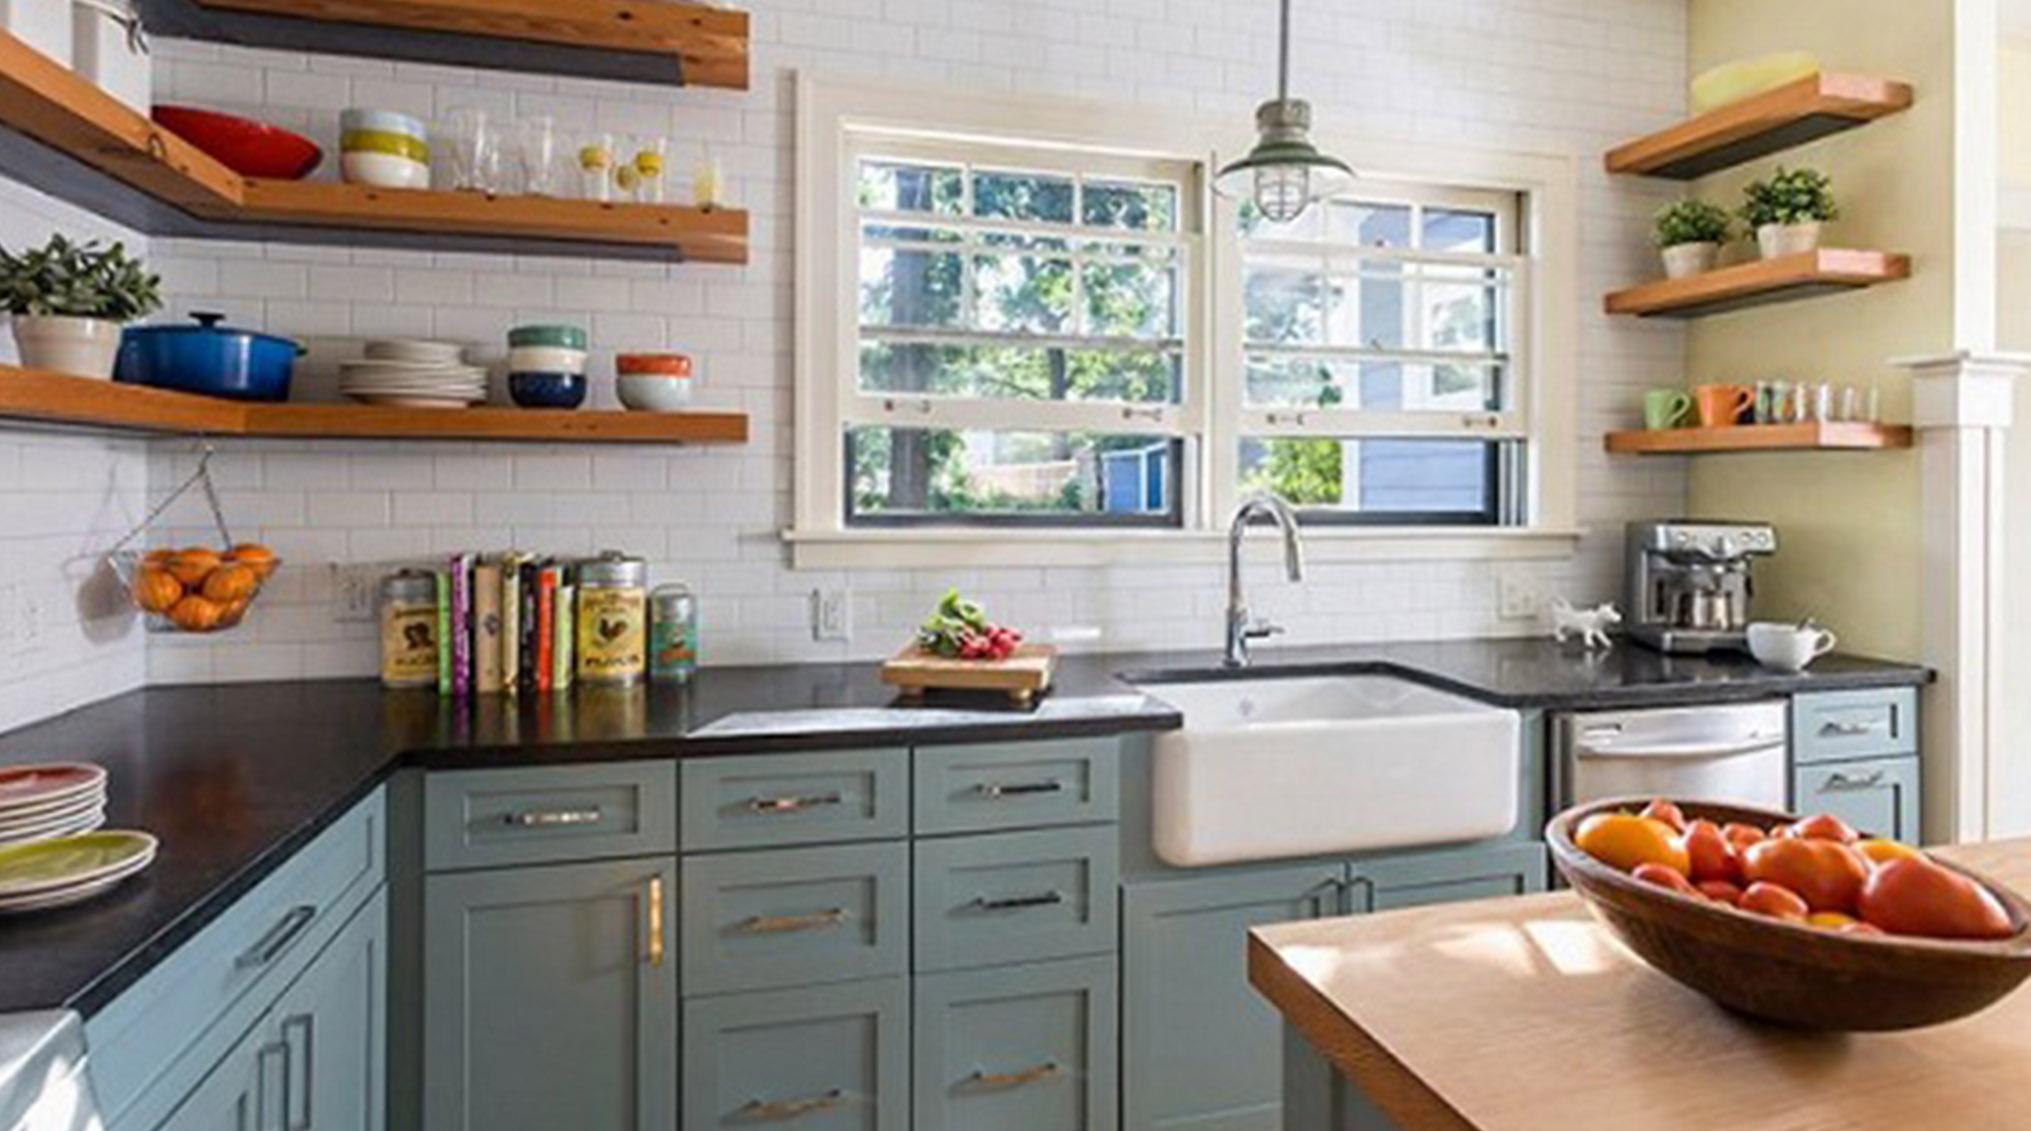 آشپزخانه های کوچک دوست داشتنی!